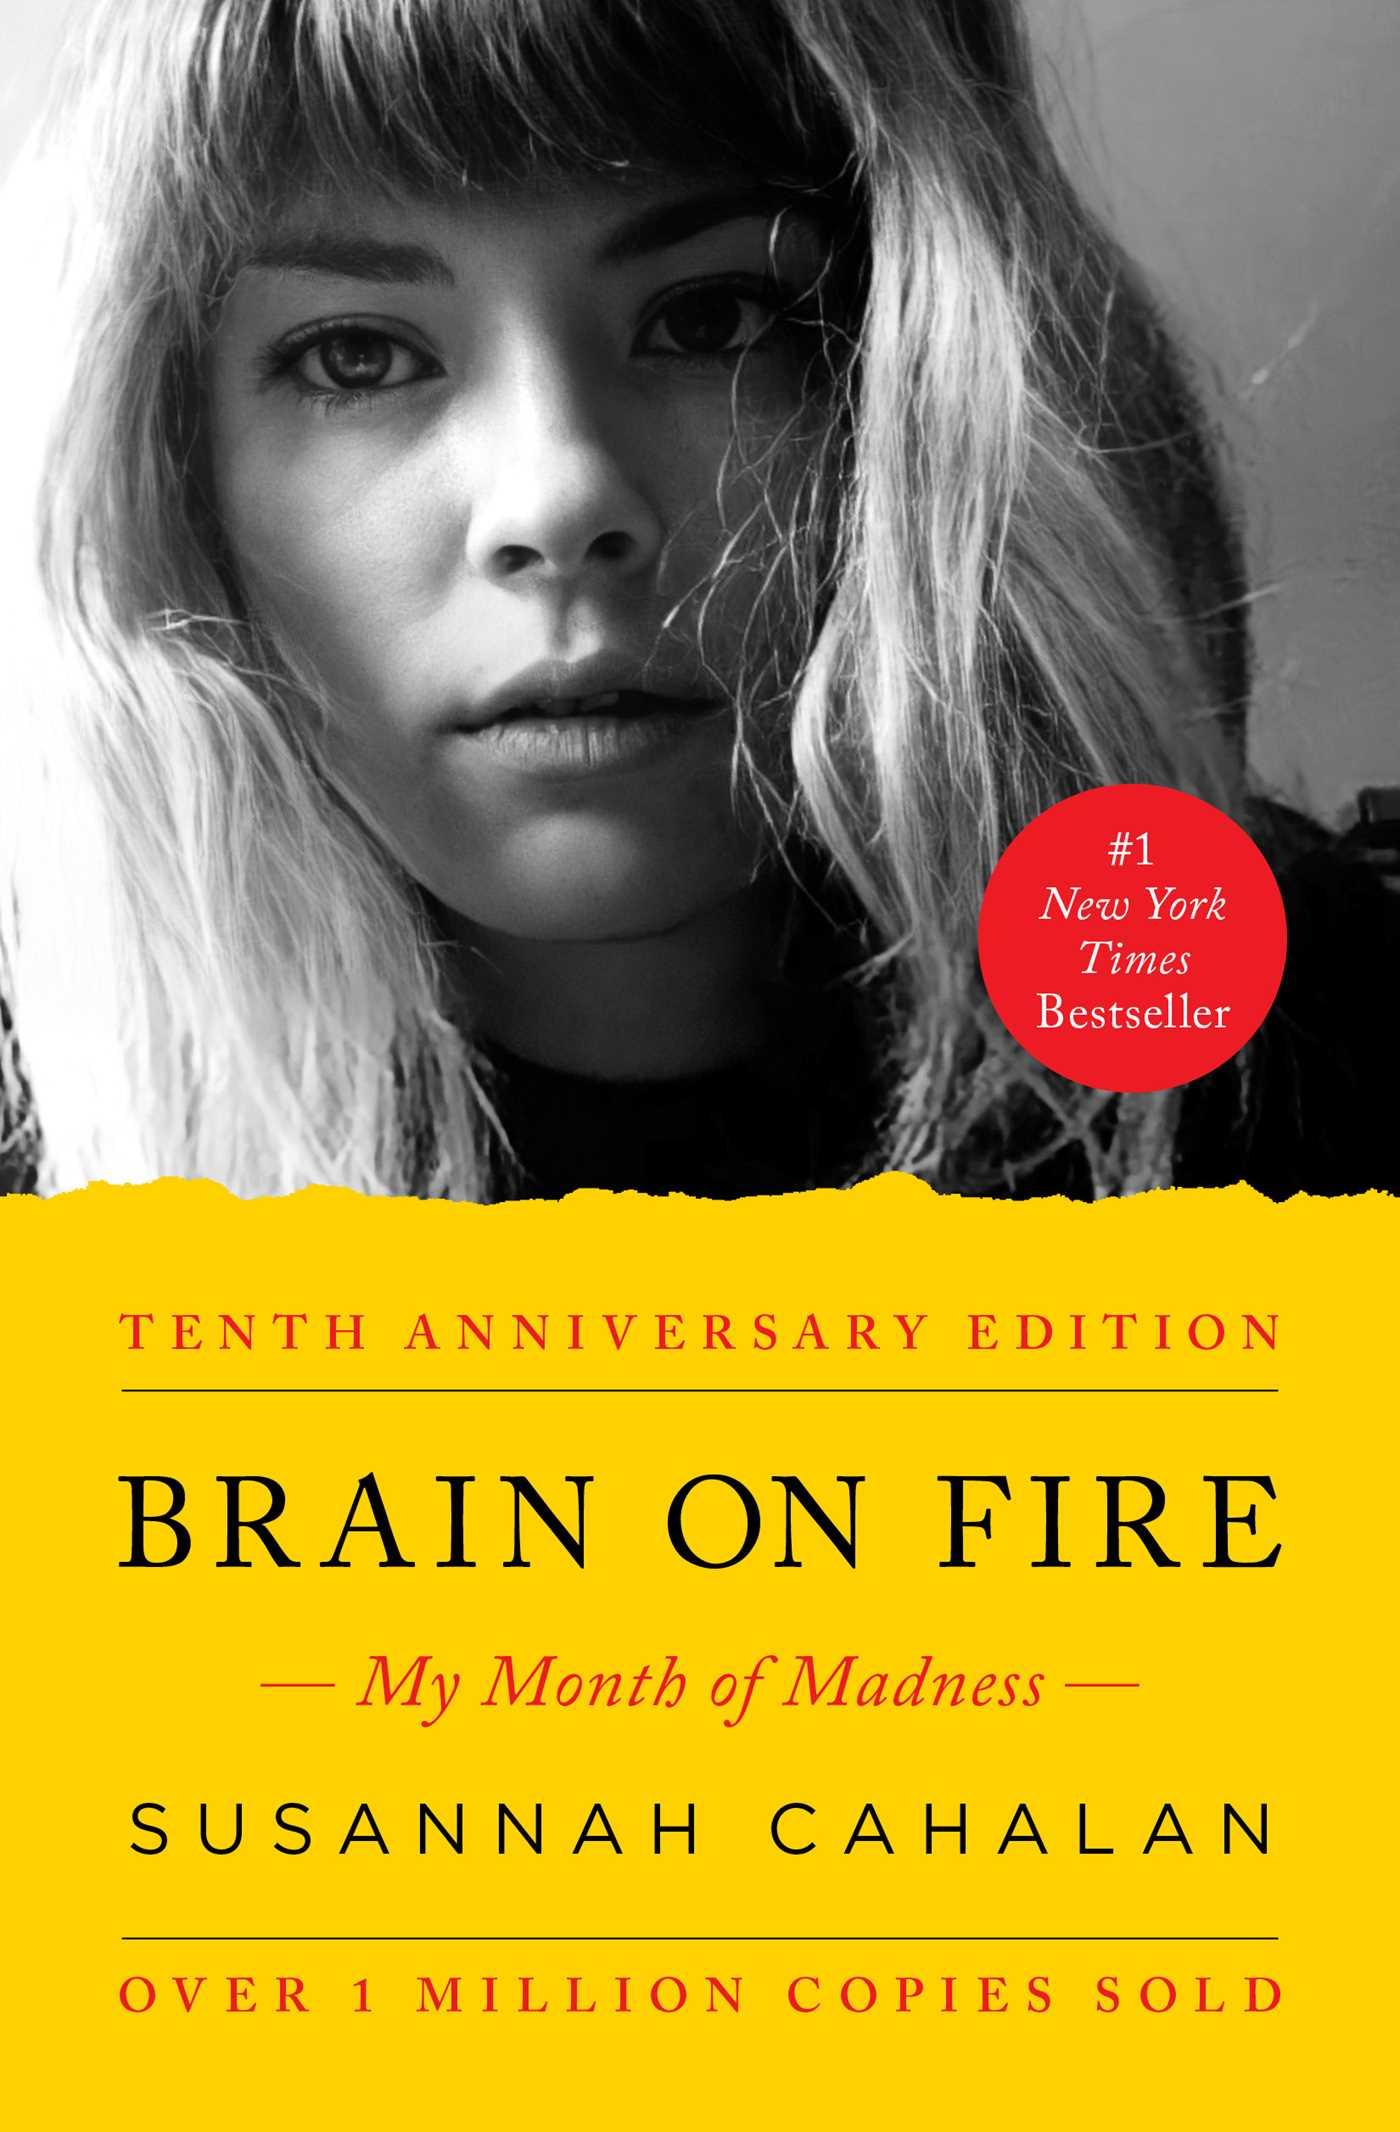 Brain on fire 9781451621396 hr